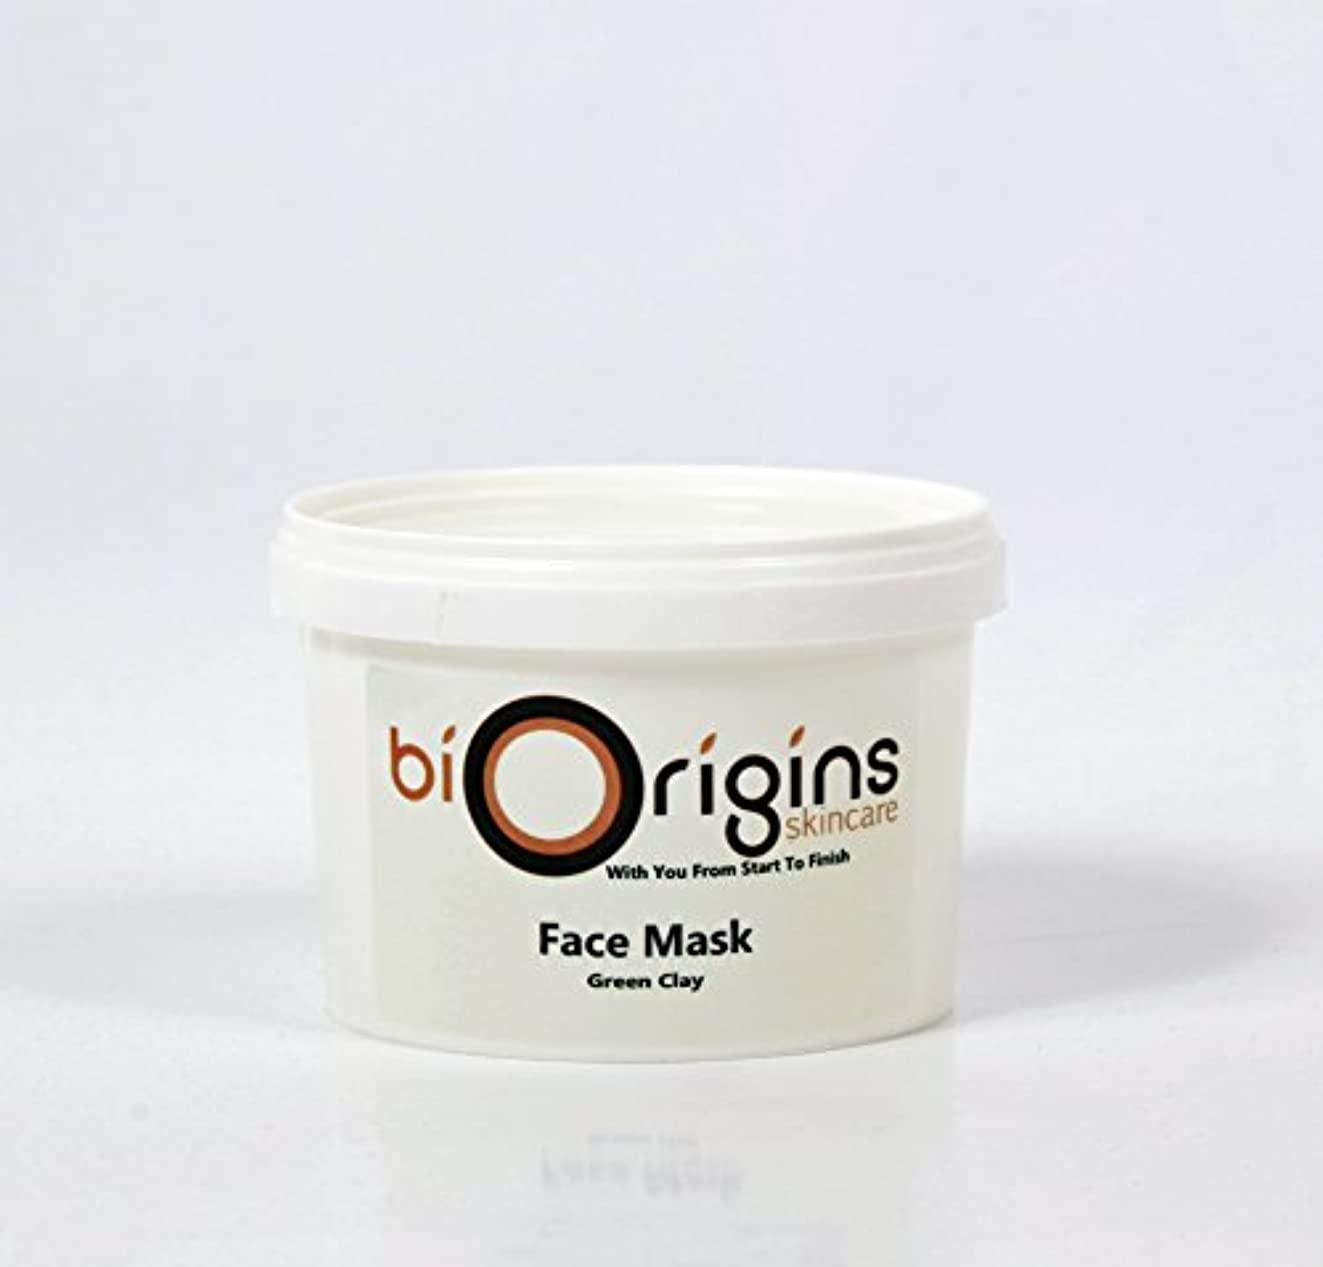 代表好色な。Face Mask - Green Clay - Botanical Skincare Base - 500g